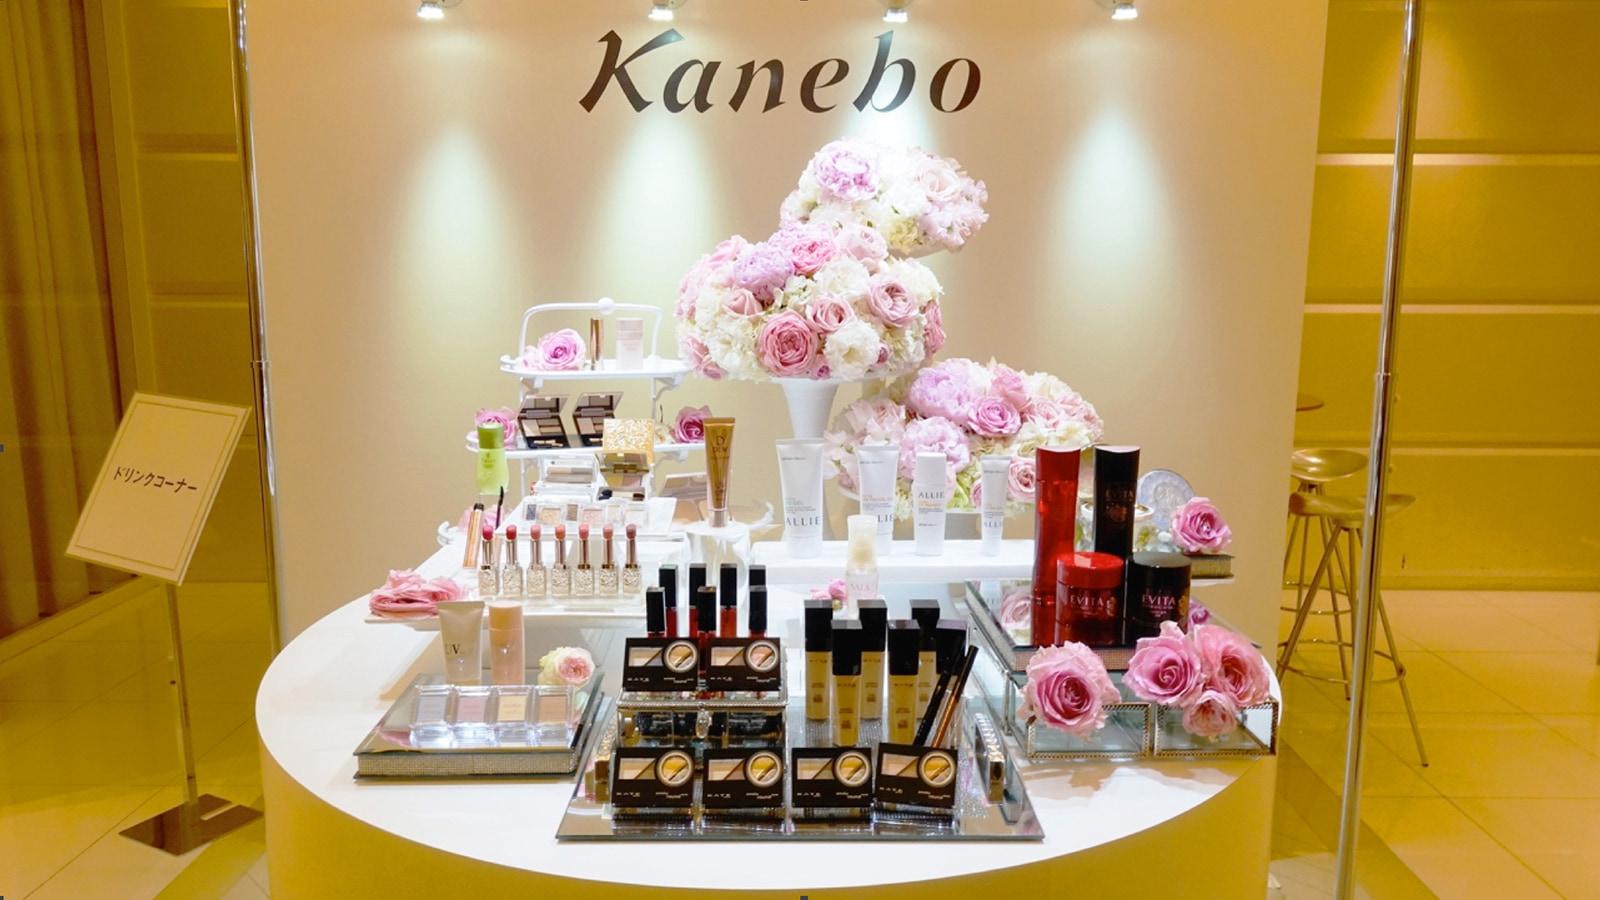 カネボウ、コフレドールなど新製品&恋とスキンケアの関係を発表